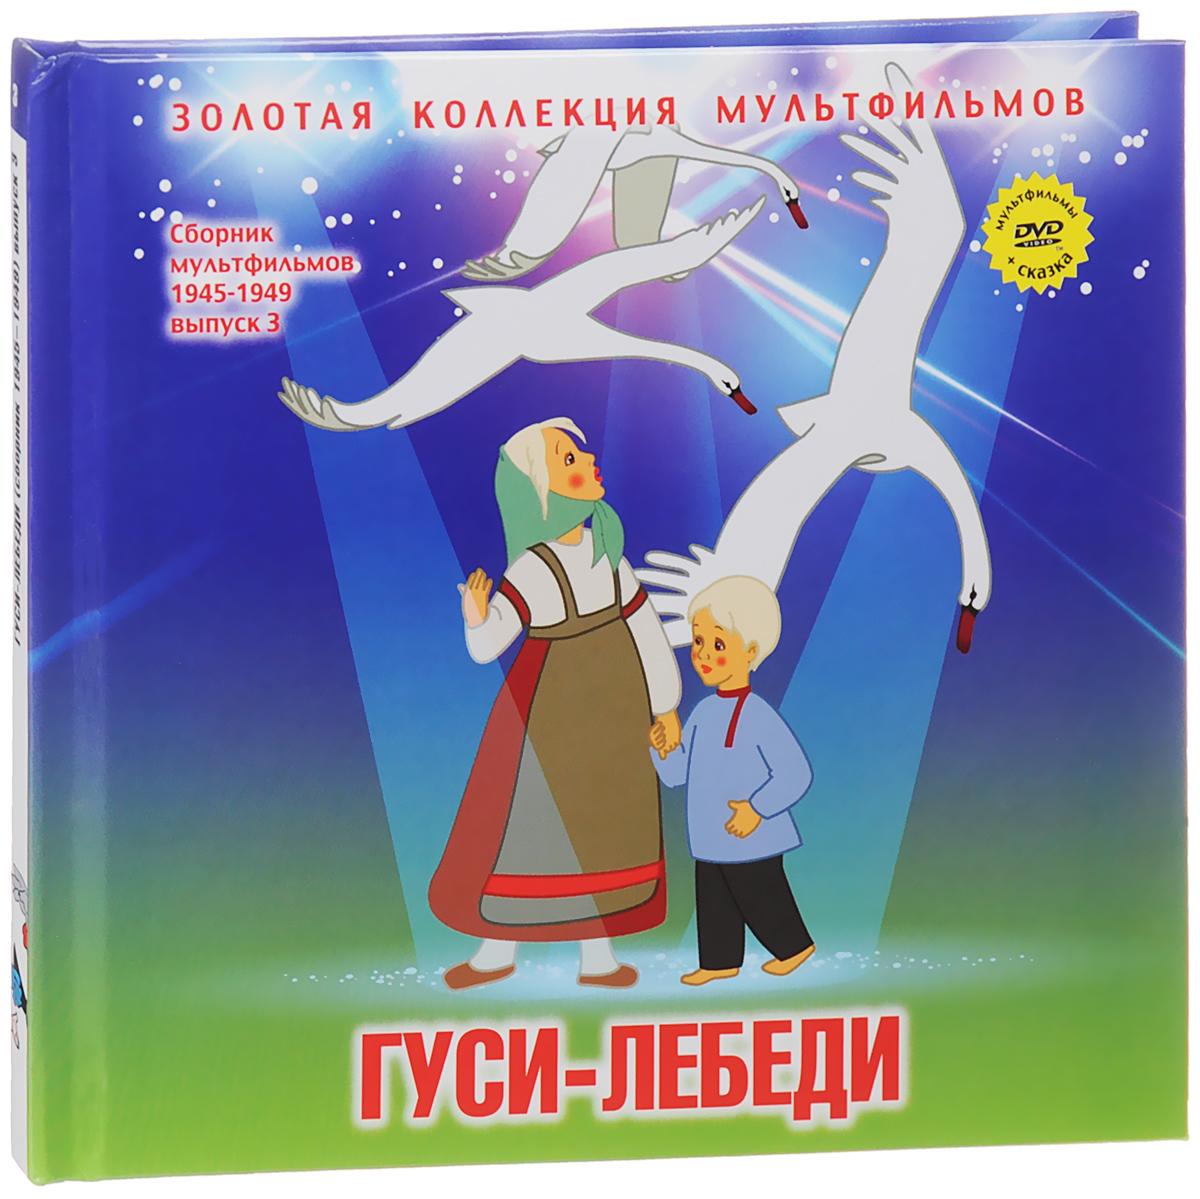 Сборник мультфильмов 1945-1949: Выпуск 3: Гуси-лебеди